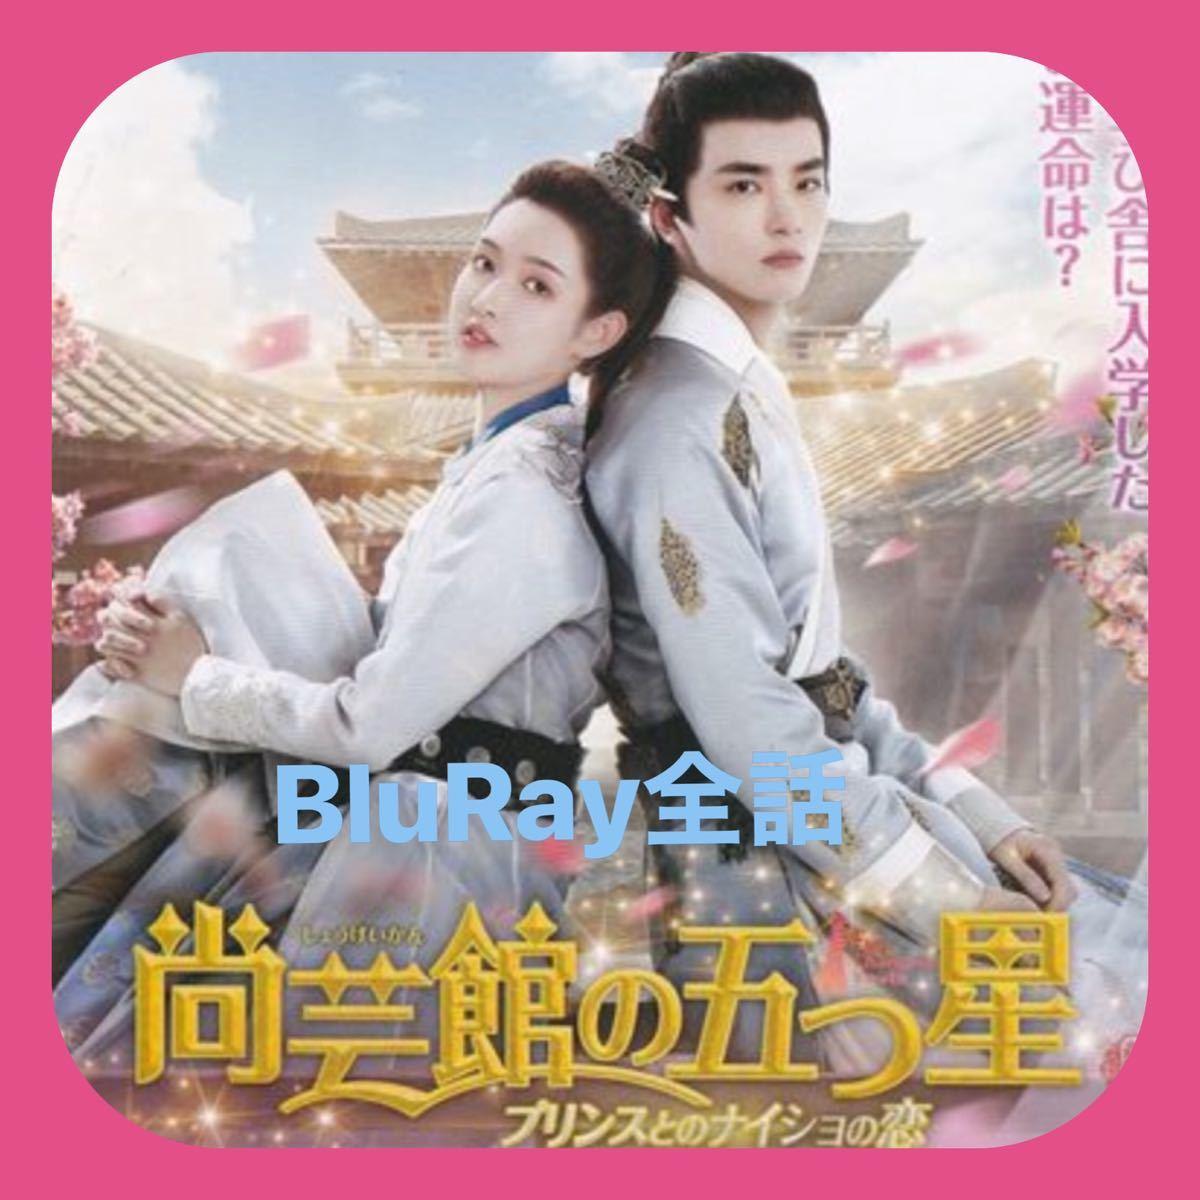 中国ドラマ  尚芸館の五つ星  Blu-Ray 全話  画質良